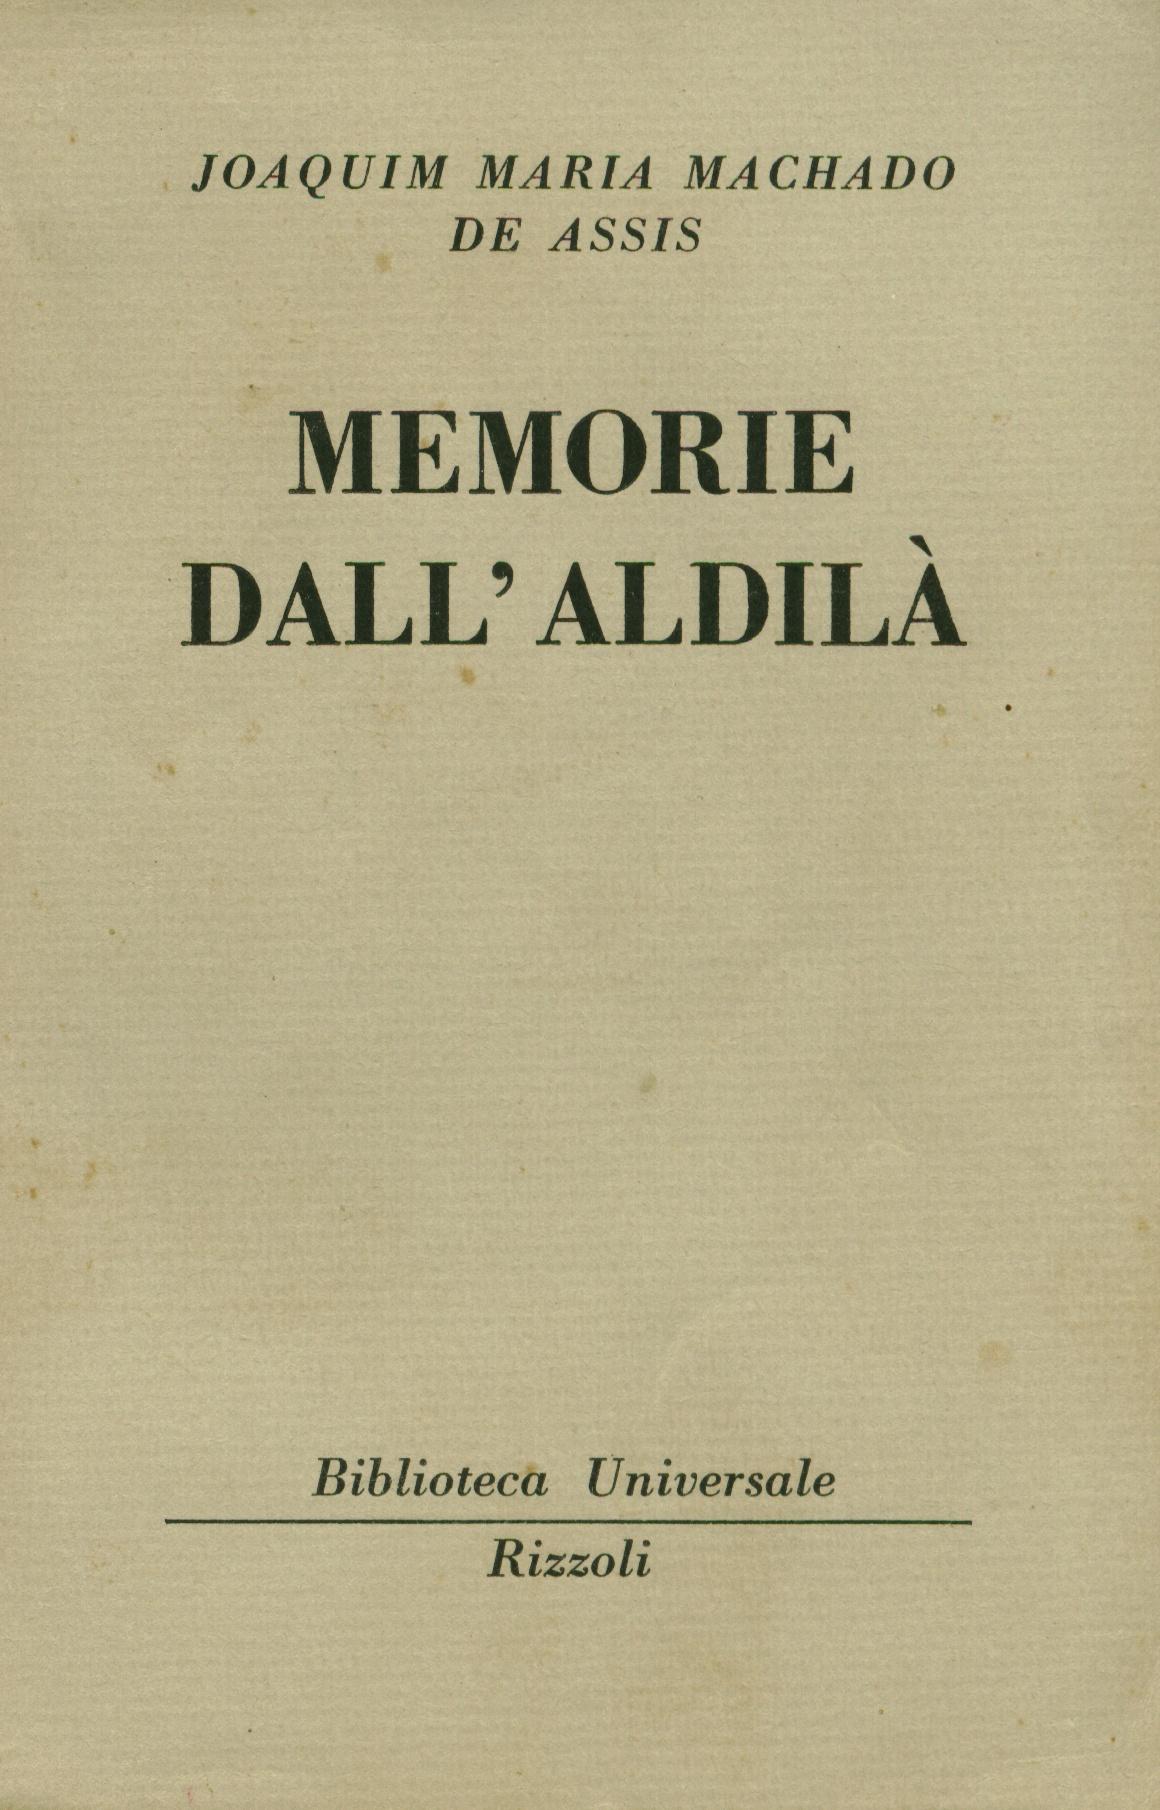 Memorie dall'aldilà